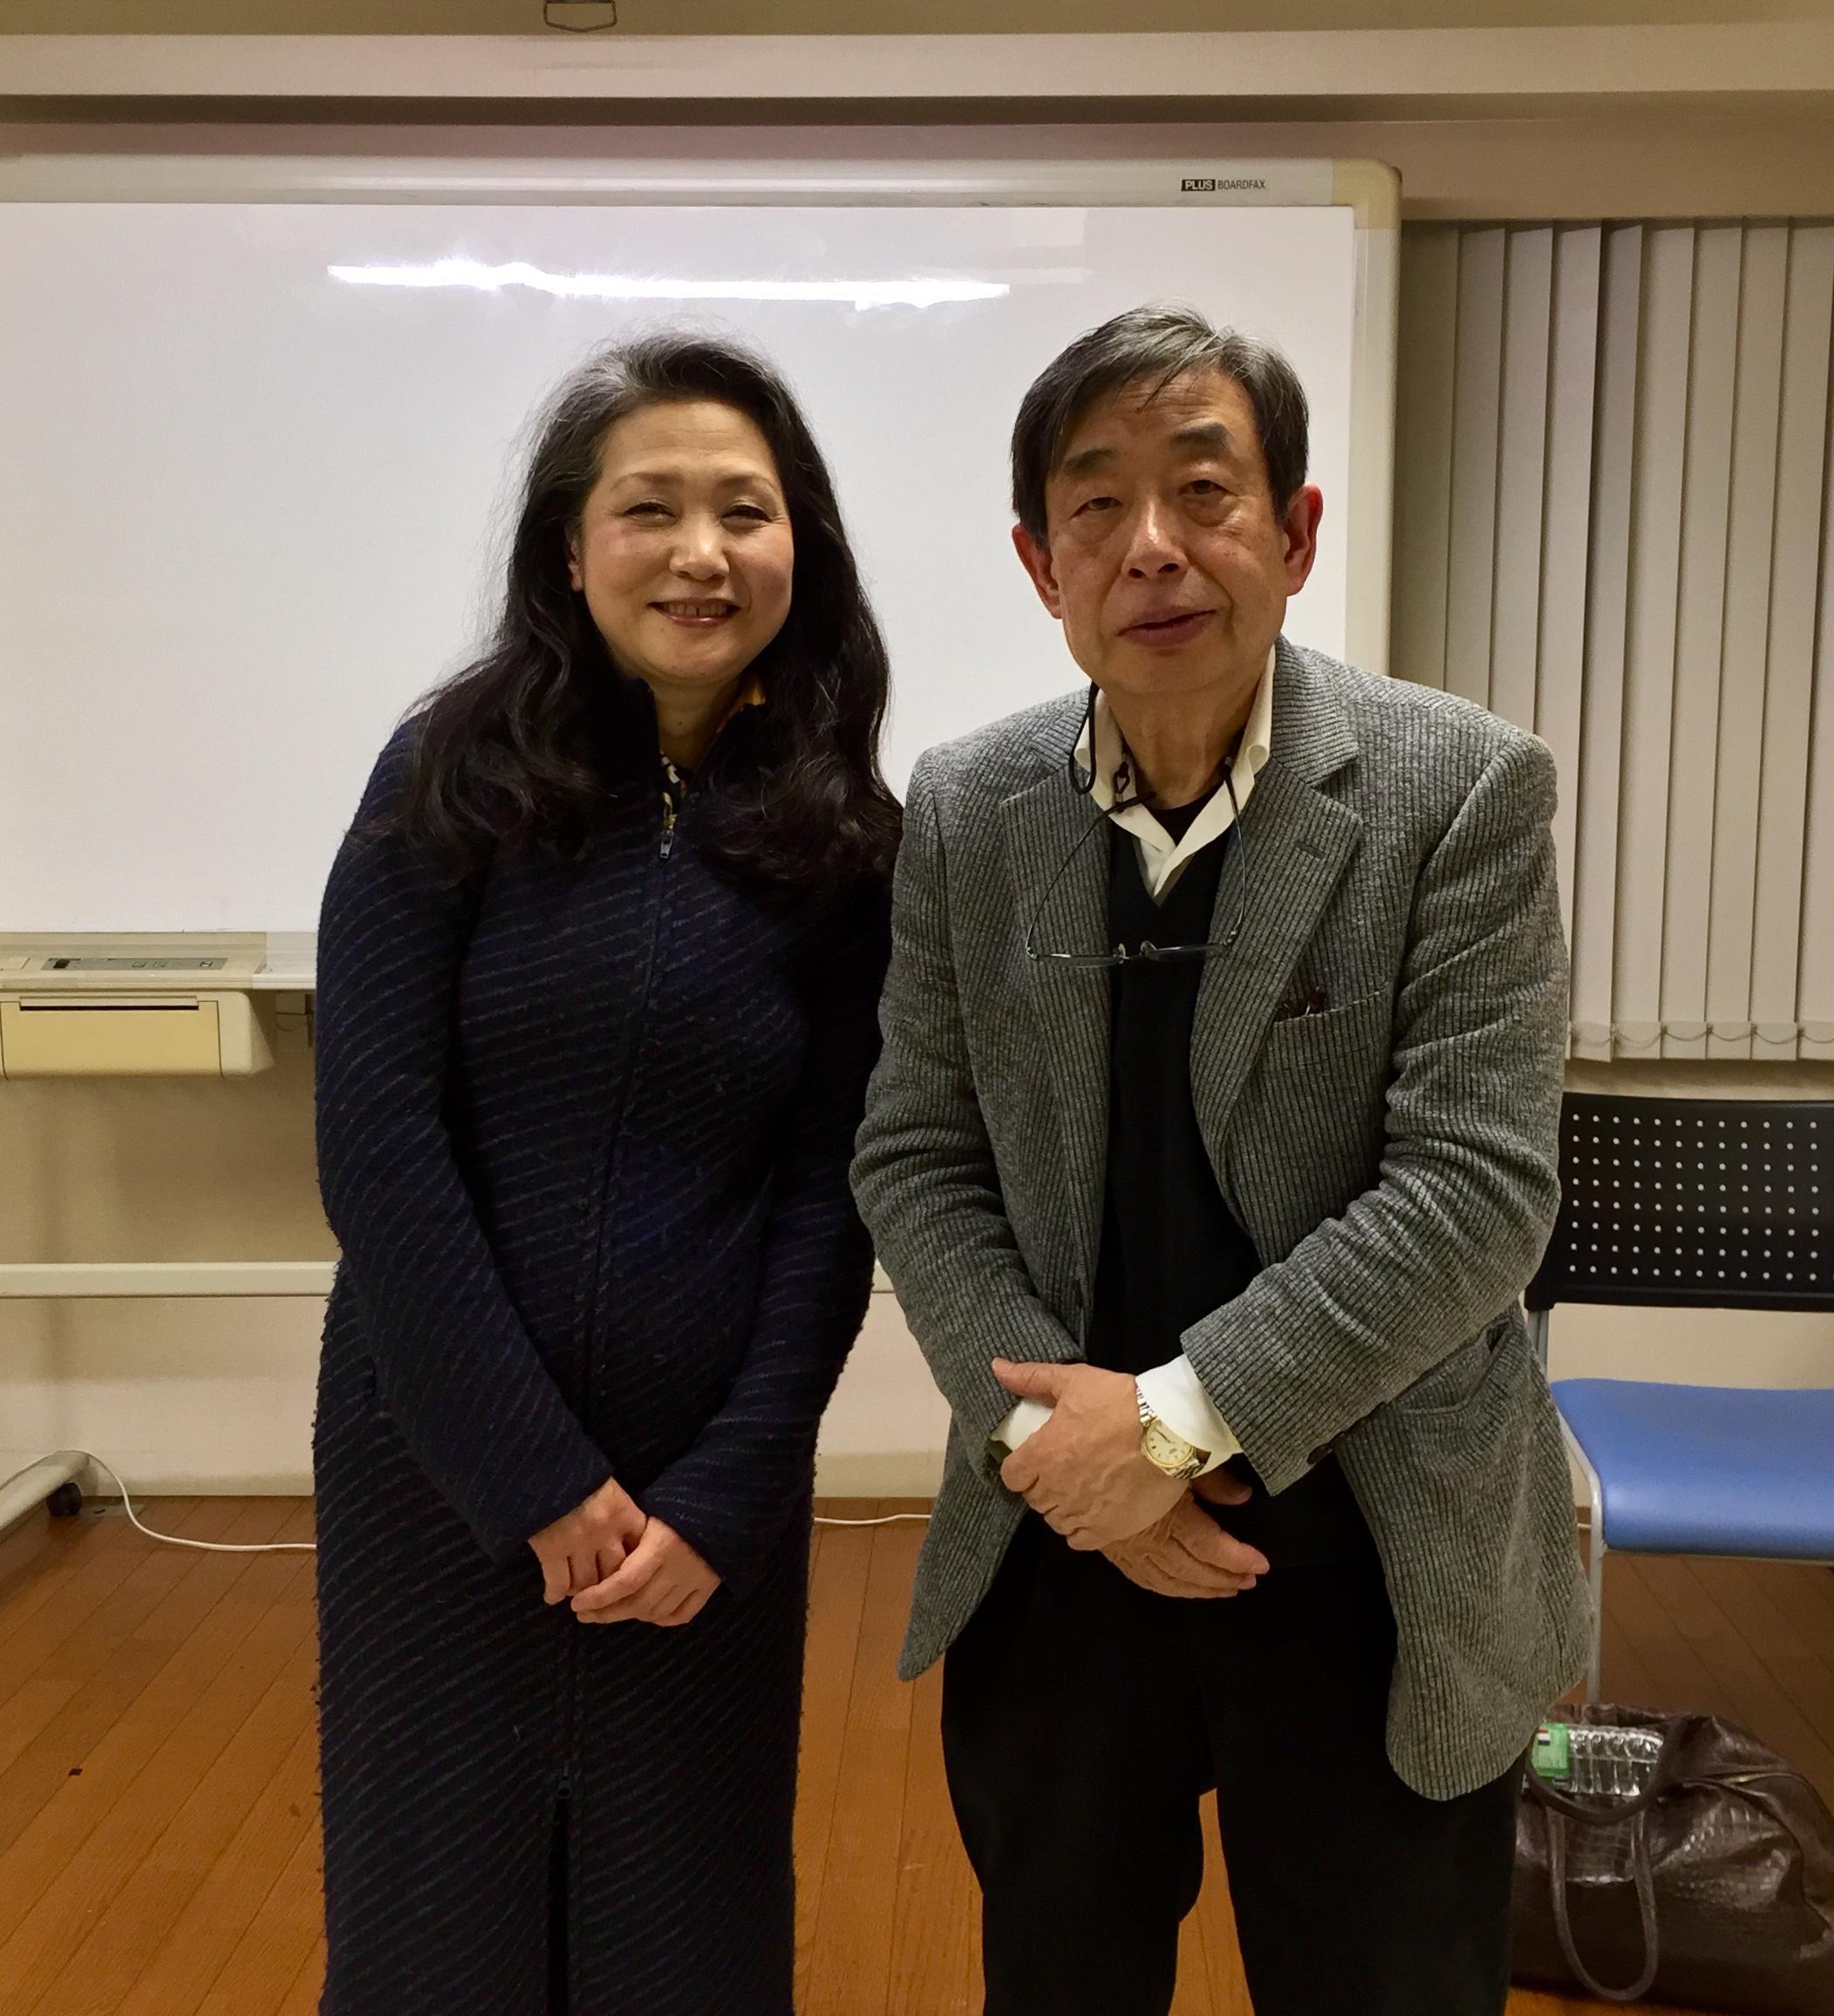 内田春菊さんと1